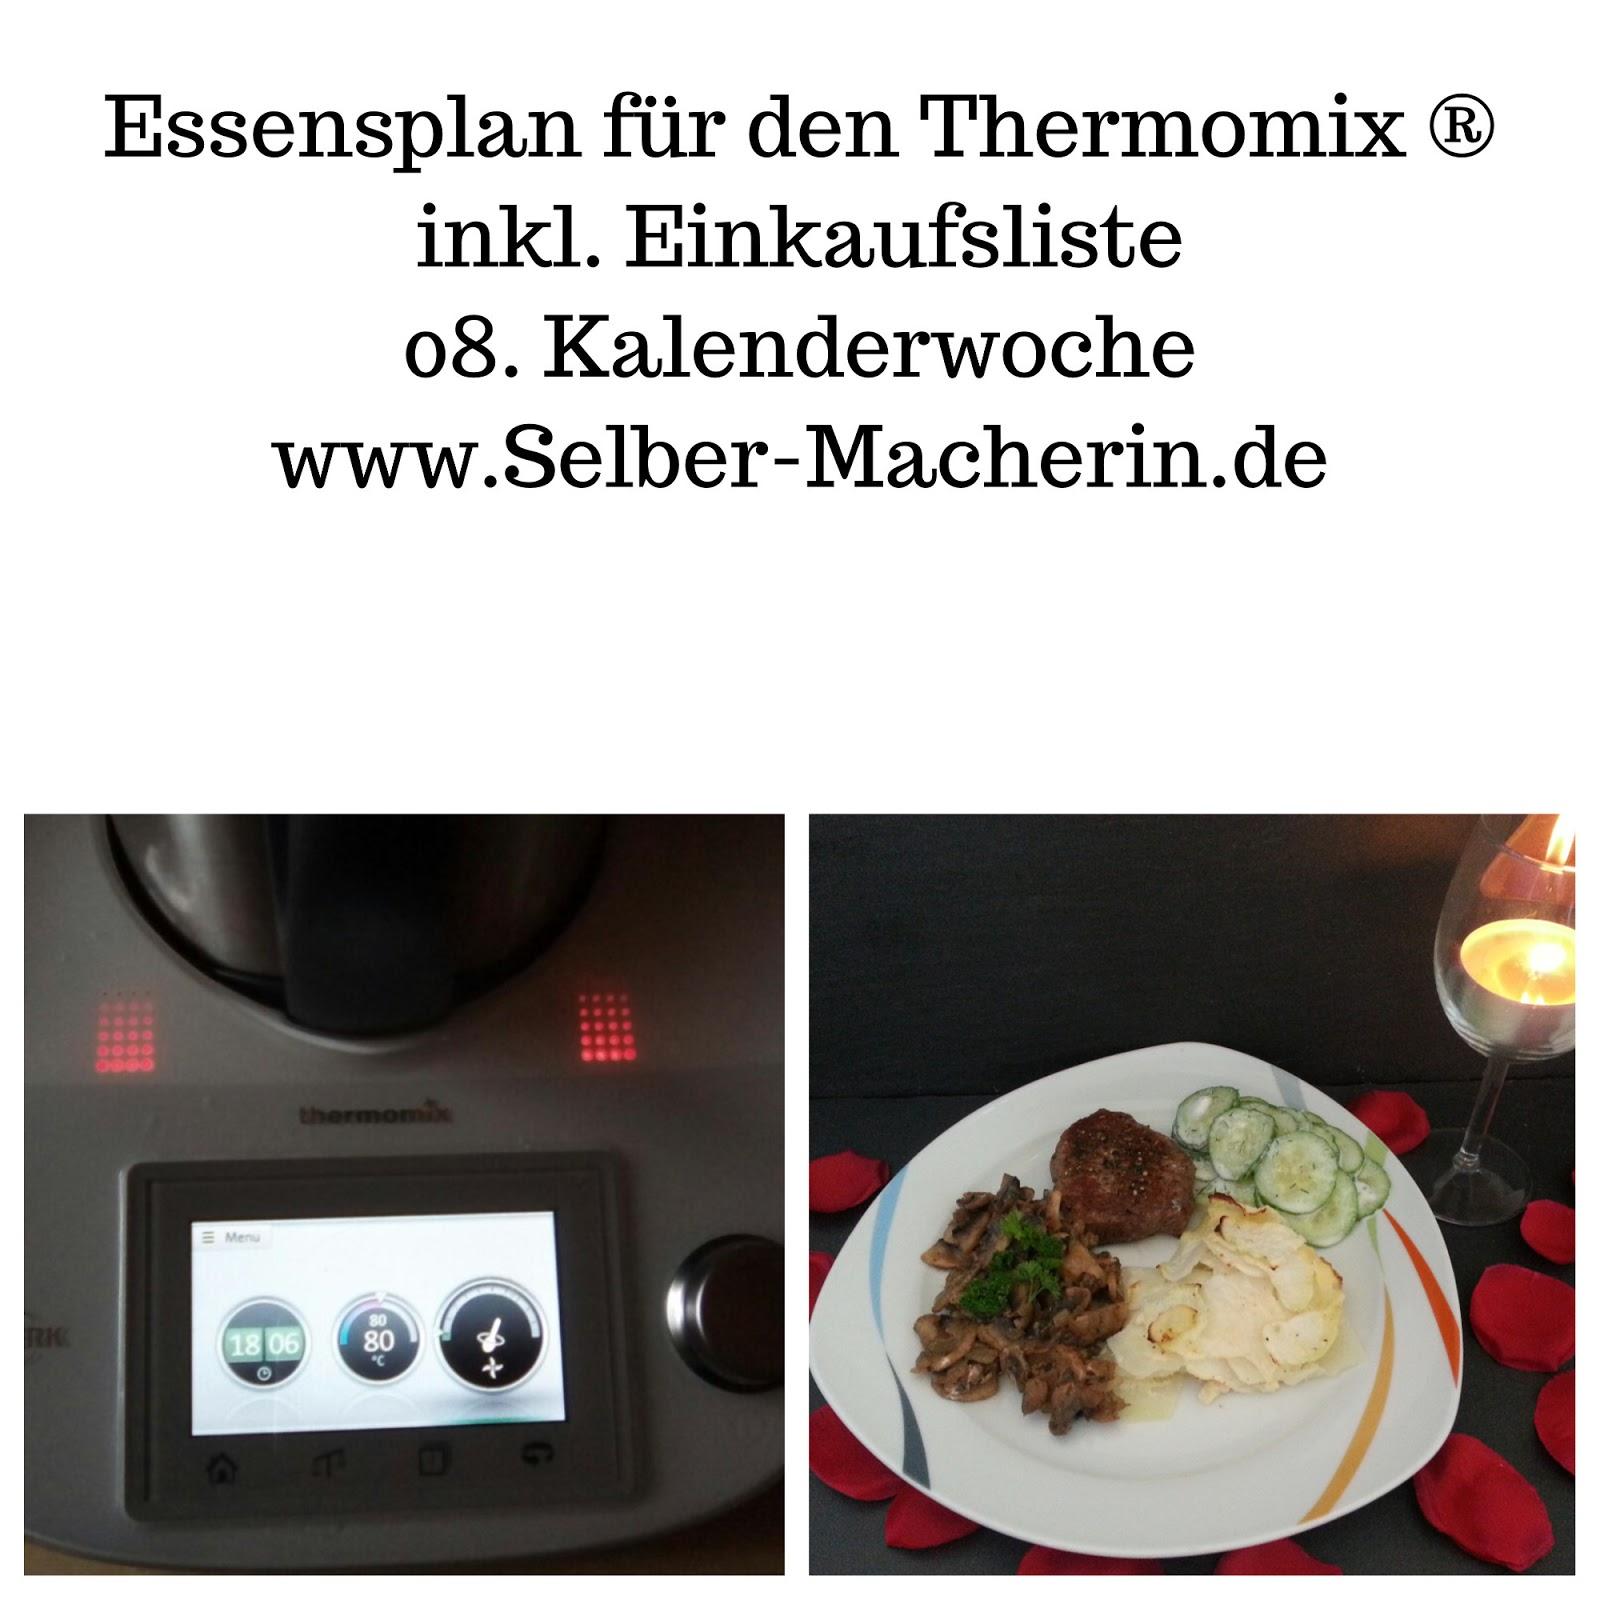 Selber-Macherin: Essensplan 08. Kalenderwoche für den Thermomix ...